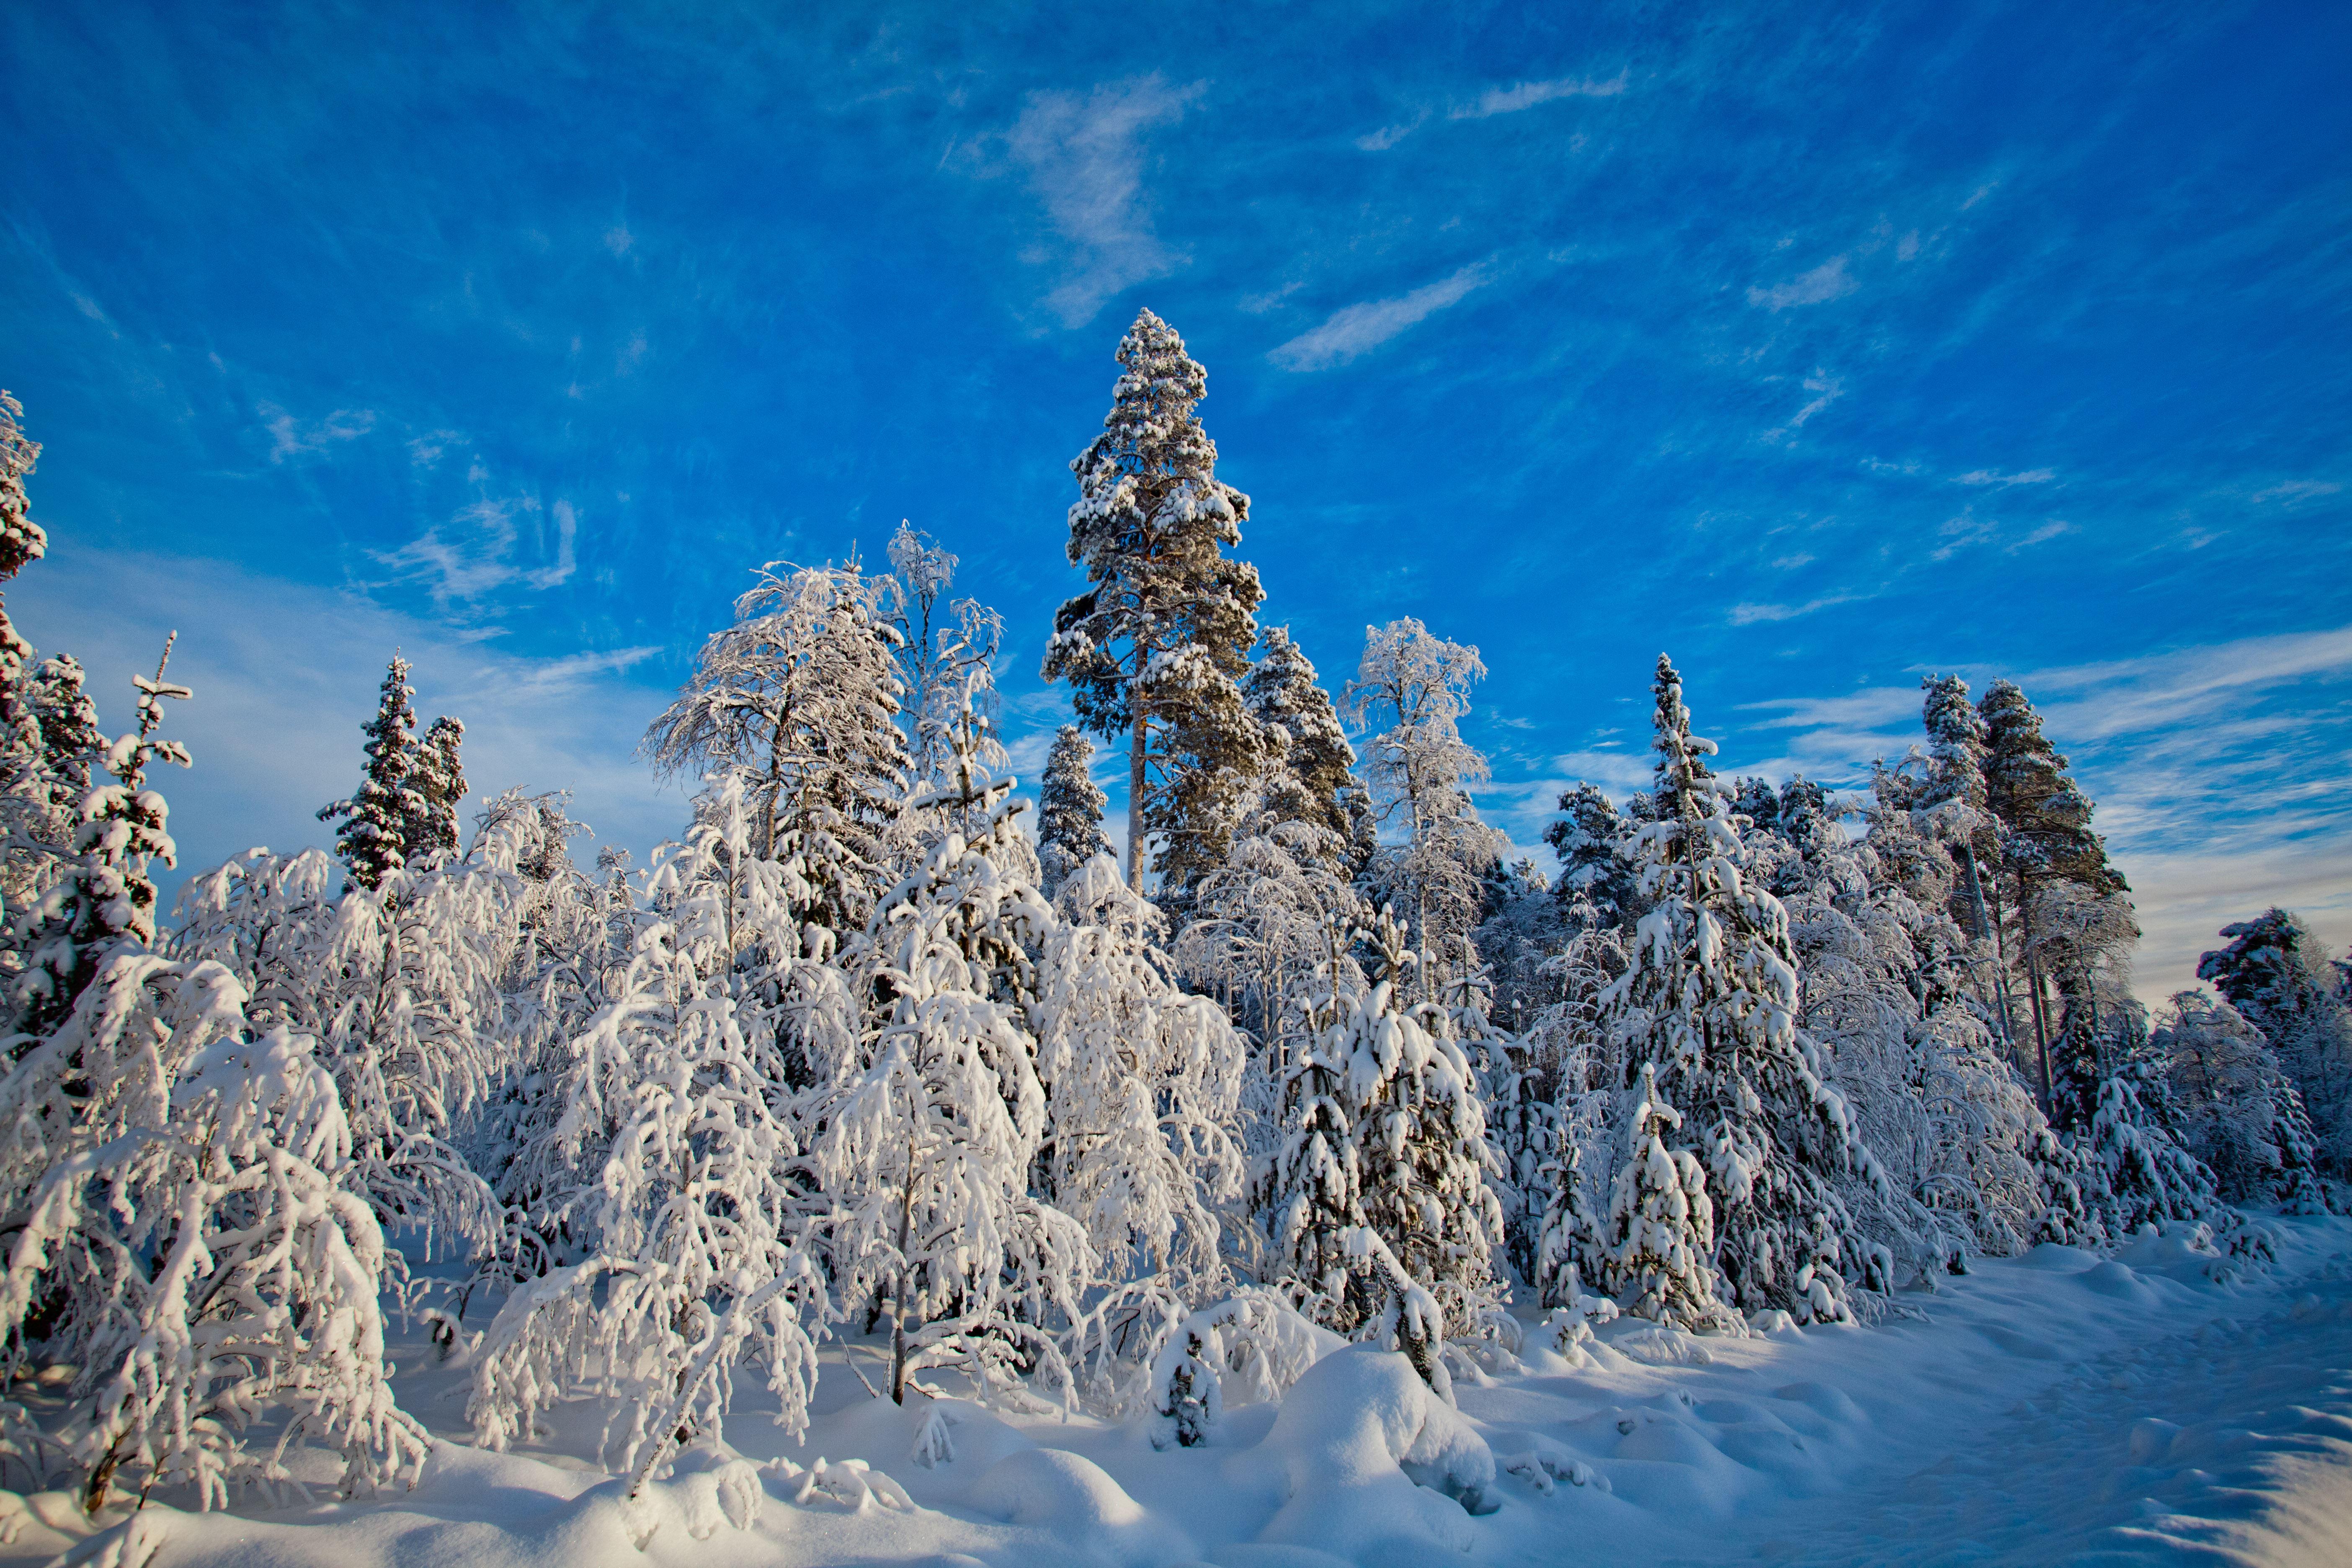 www.ricke.se,  © Malå kommun, Pingstkyrkan Malå